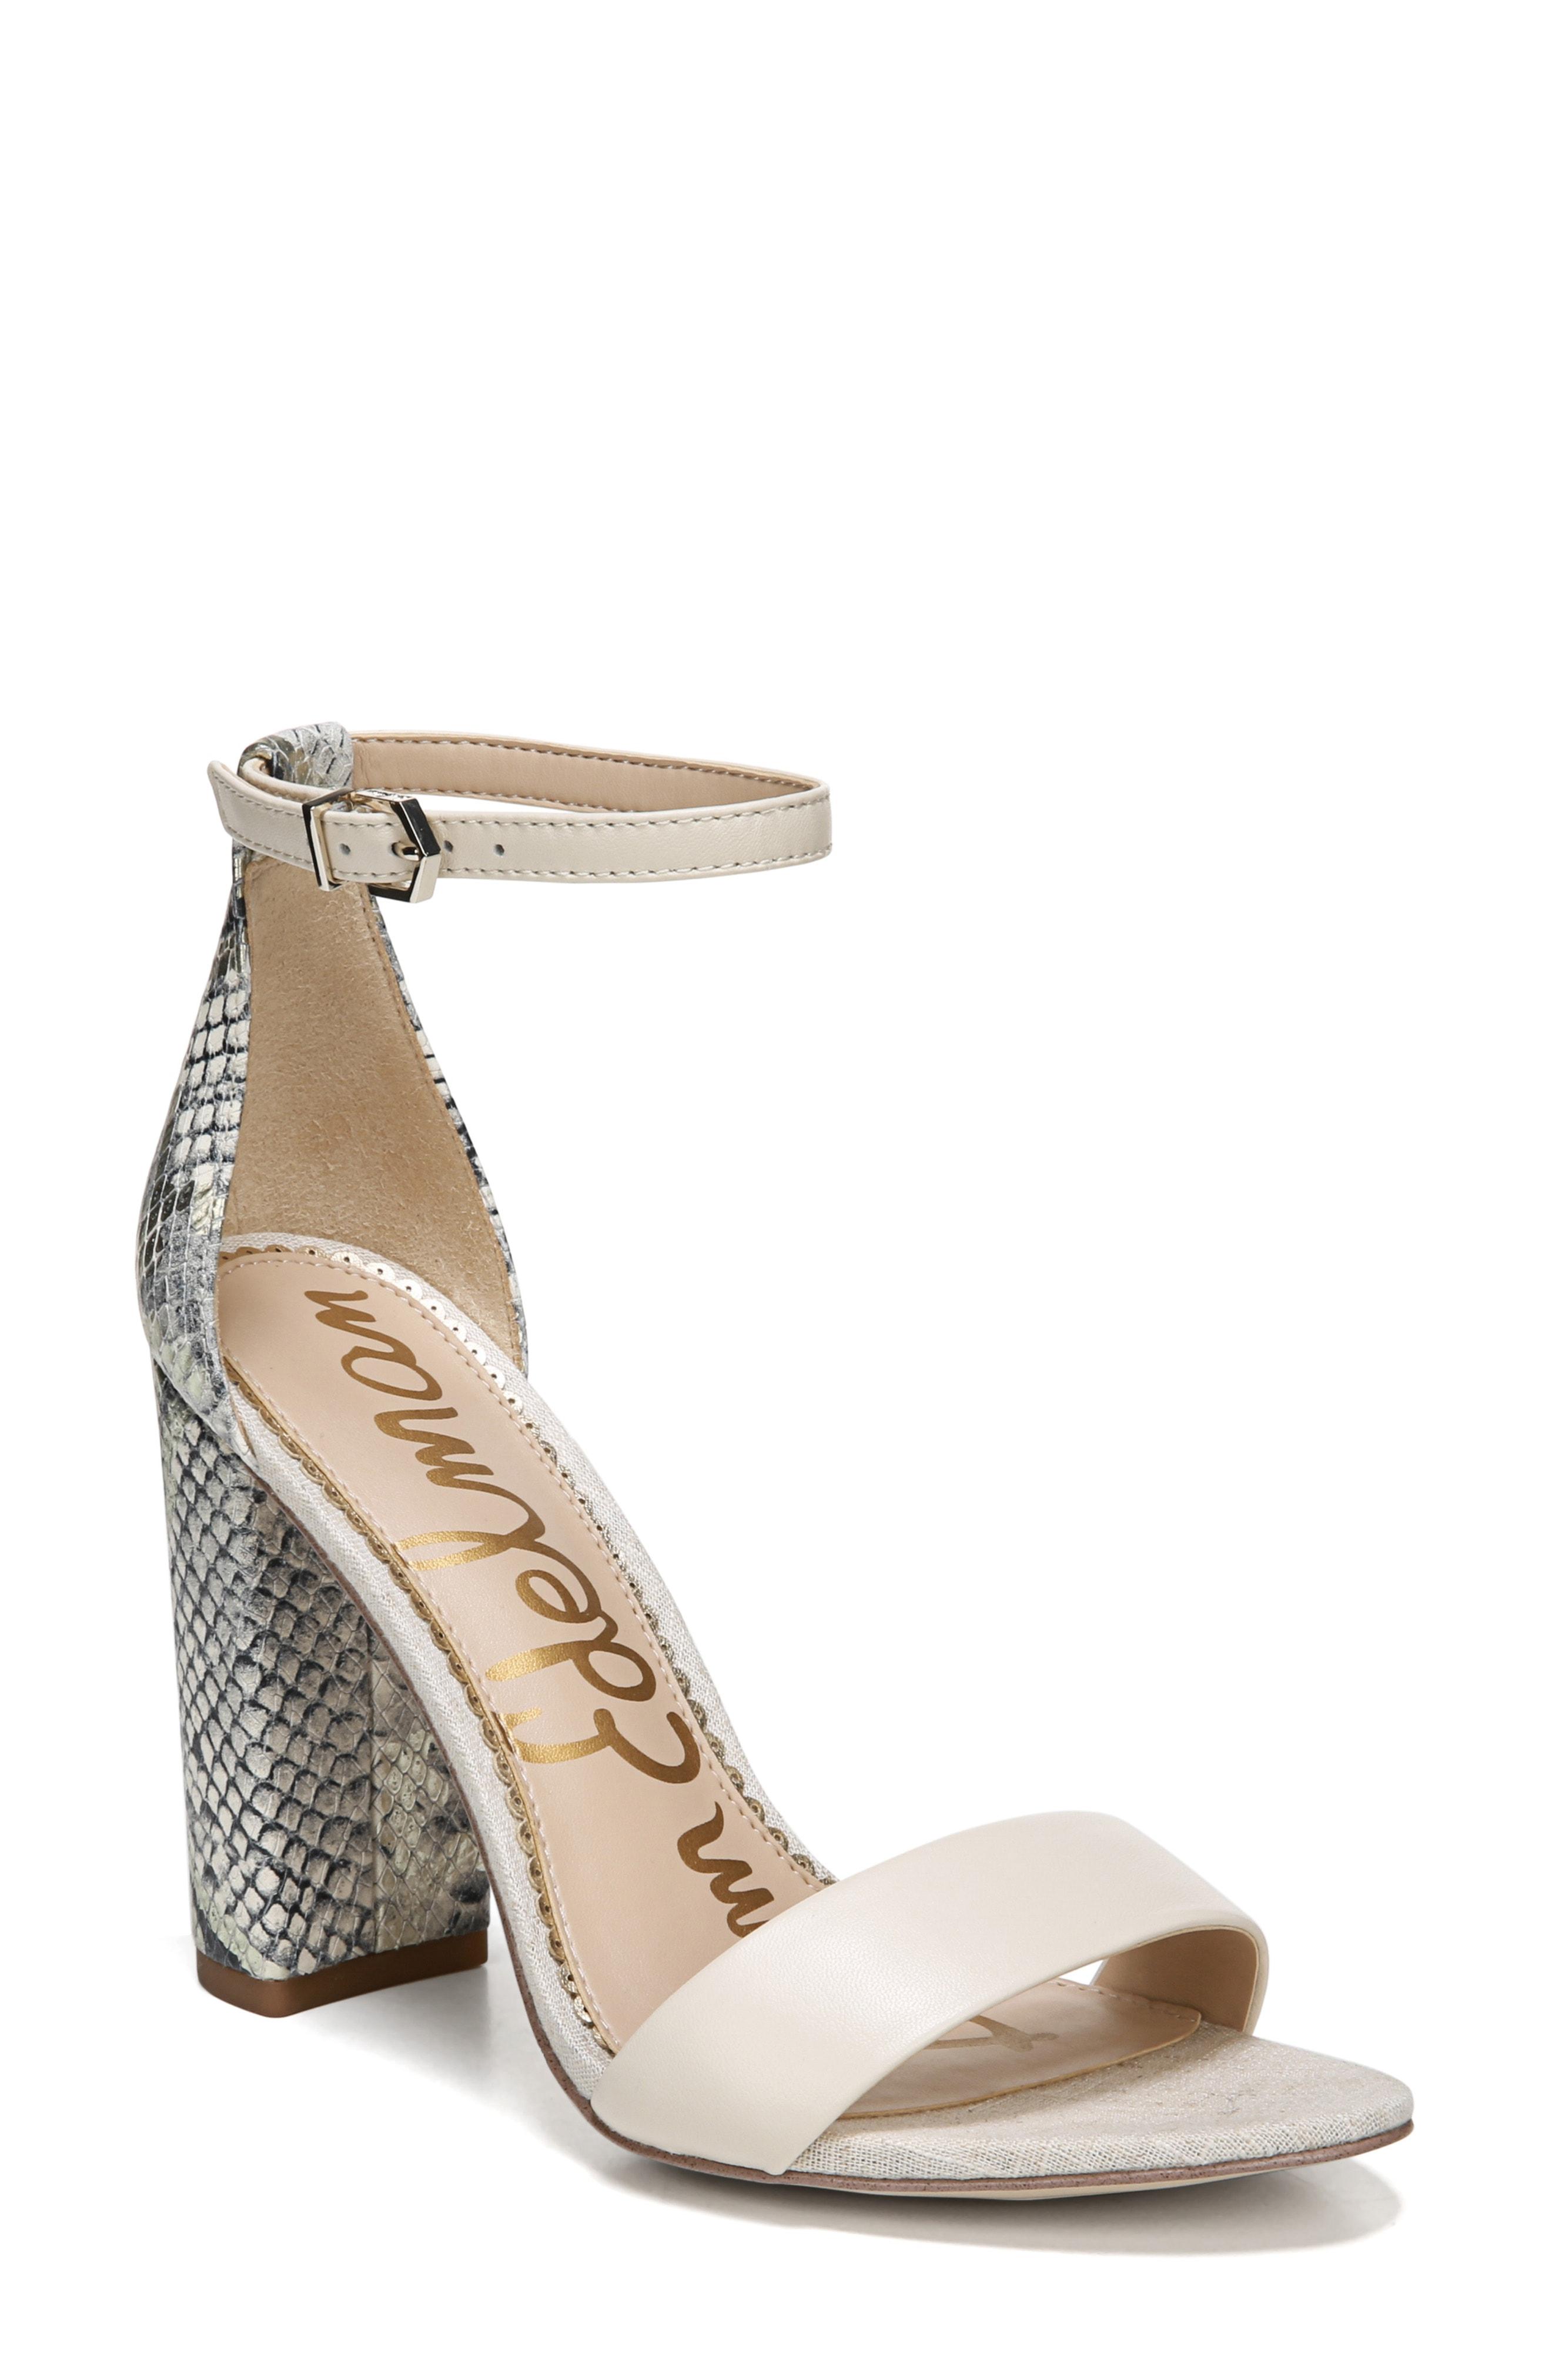 Women's Wedding Shoes | Nordstrom